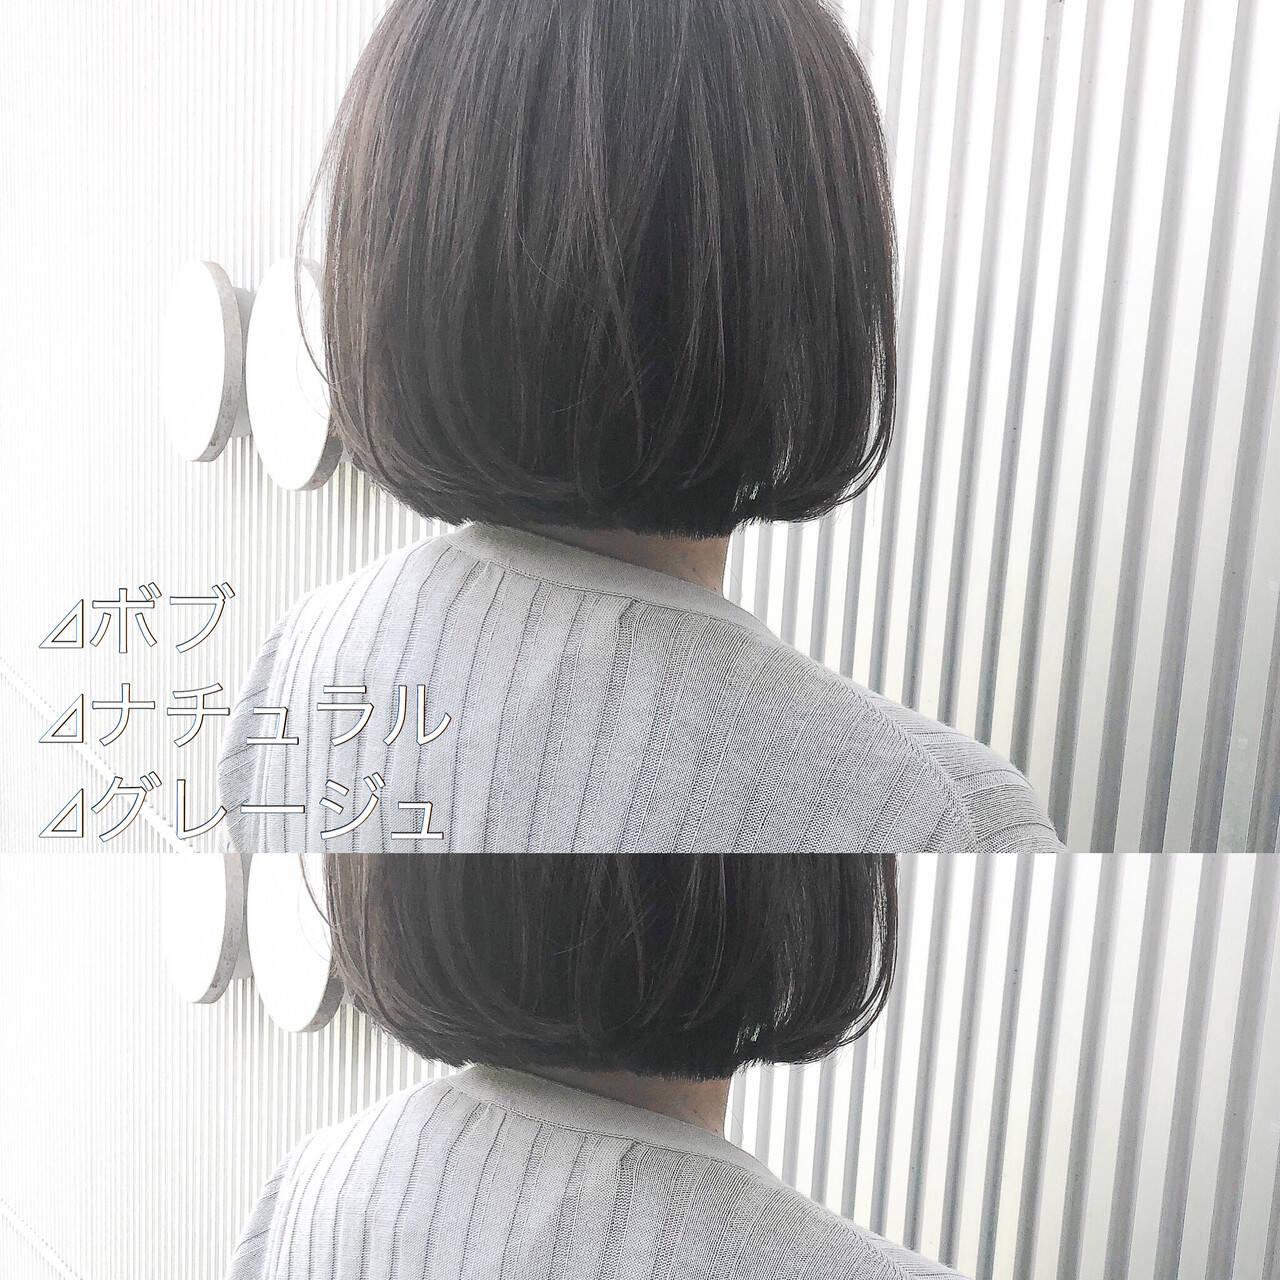 前髪 グレージュ ショート アッシュグレージュヘアスタイルや髪型の写真・画像